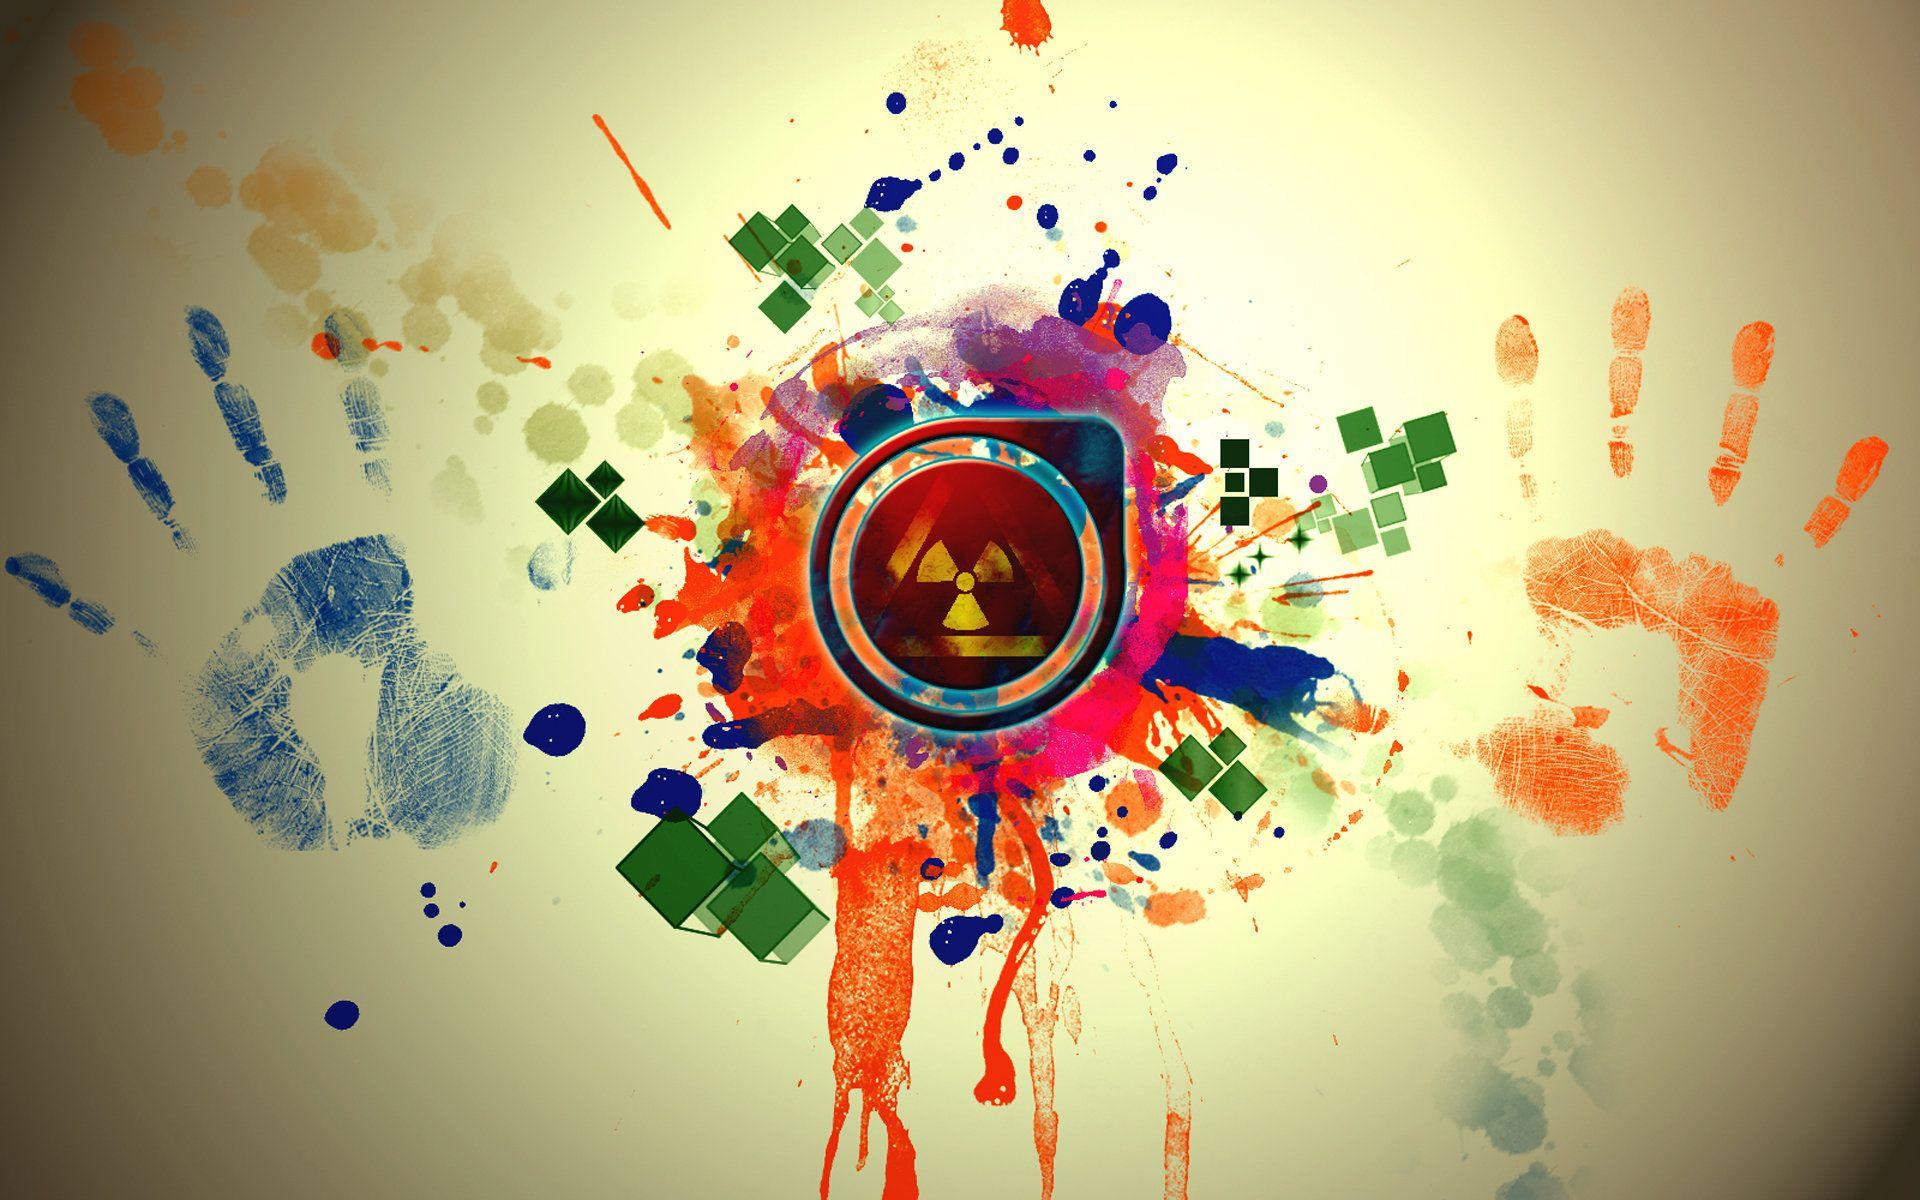 graphics | desktop wallpapers 3d graphics summer colors | Visual ...